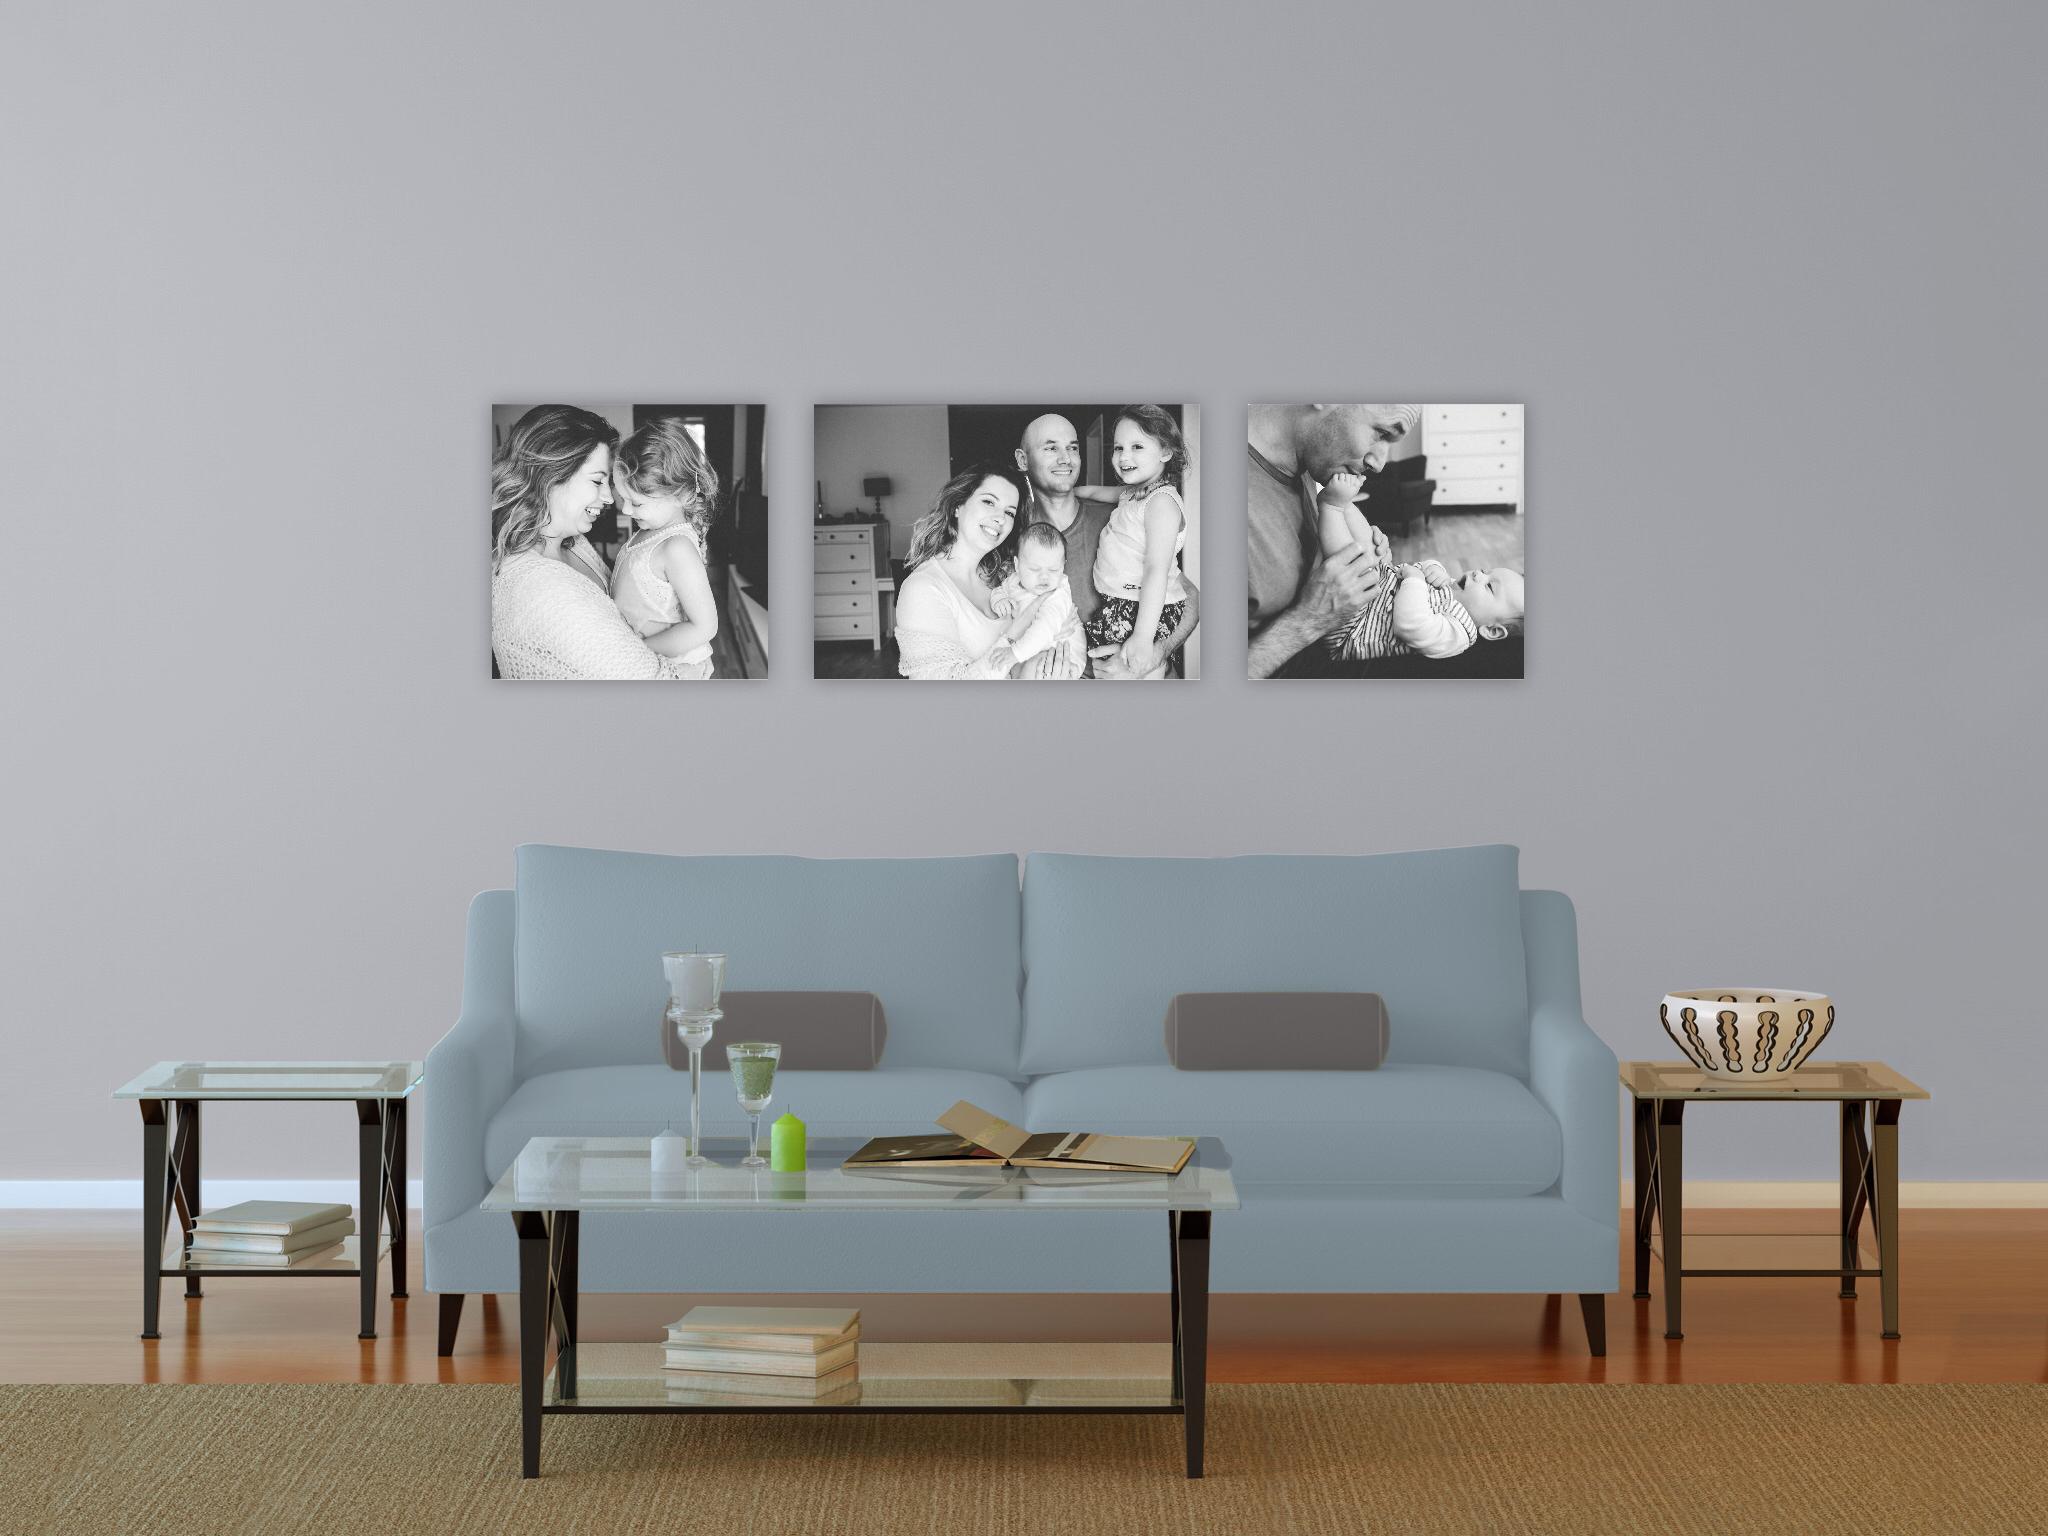 Känns det svårt att visualisera hur era bilder kommer att se ut hemma hos er? Ingen fara - vi kan visa er exakt hur snyggt det blir och ger er våra bästa tips och rekommendationer. Lite som att ha en heminredare.